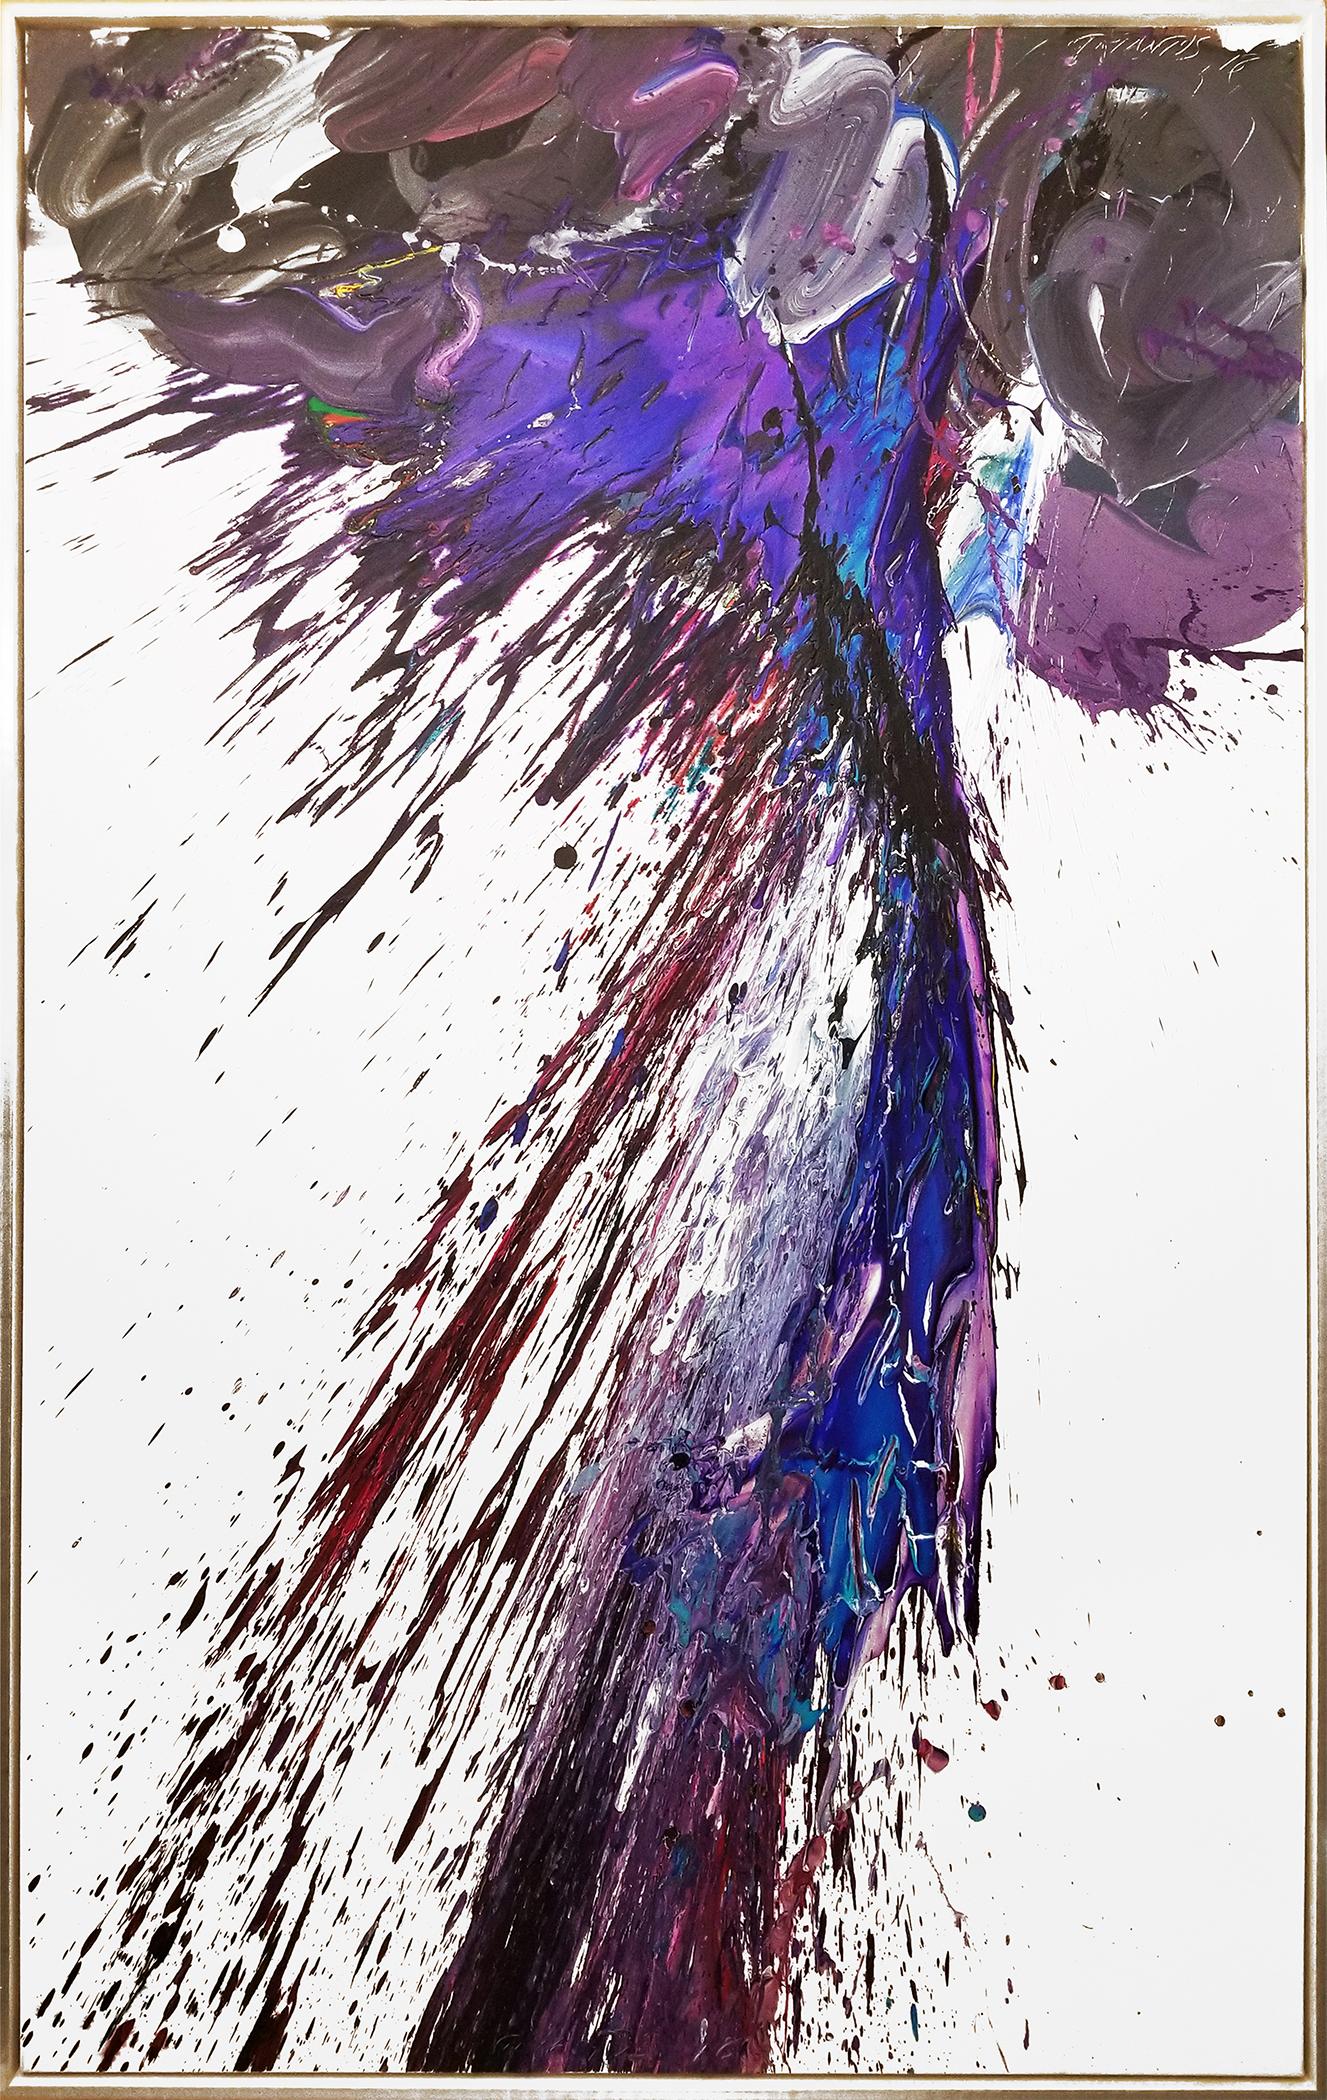 """Storm#8, 2018, acrylic on canvas, 60"""" x 96"""" (152.4 x 244 cm) in Palm Beach, Florida, USA"""